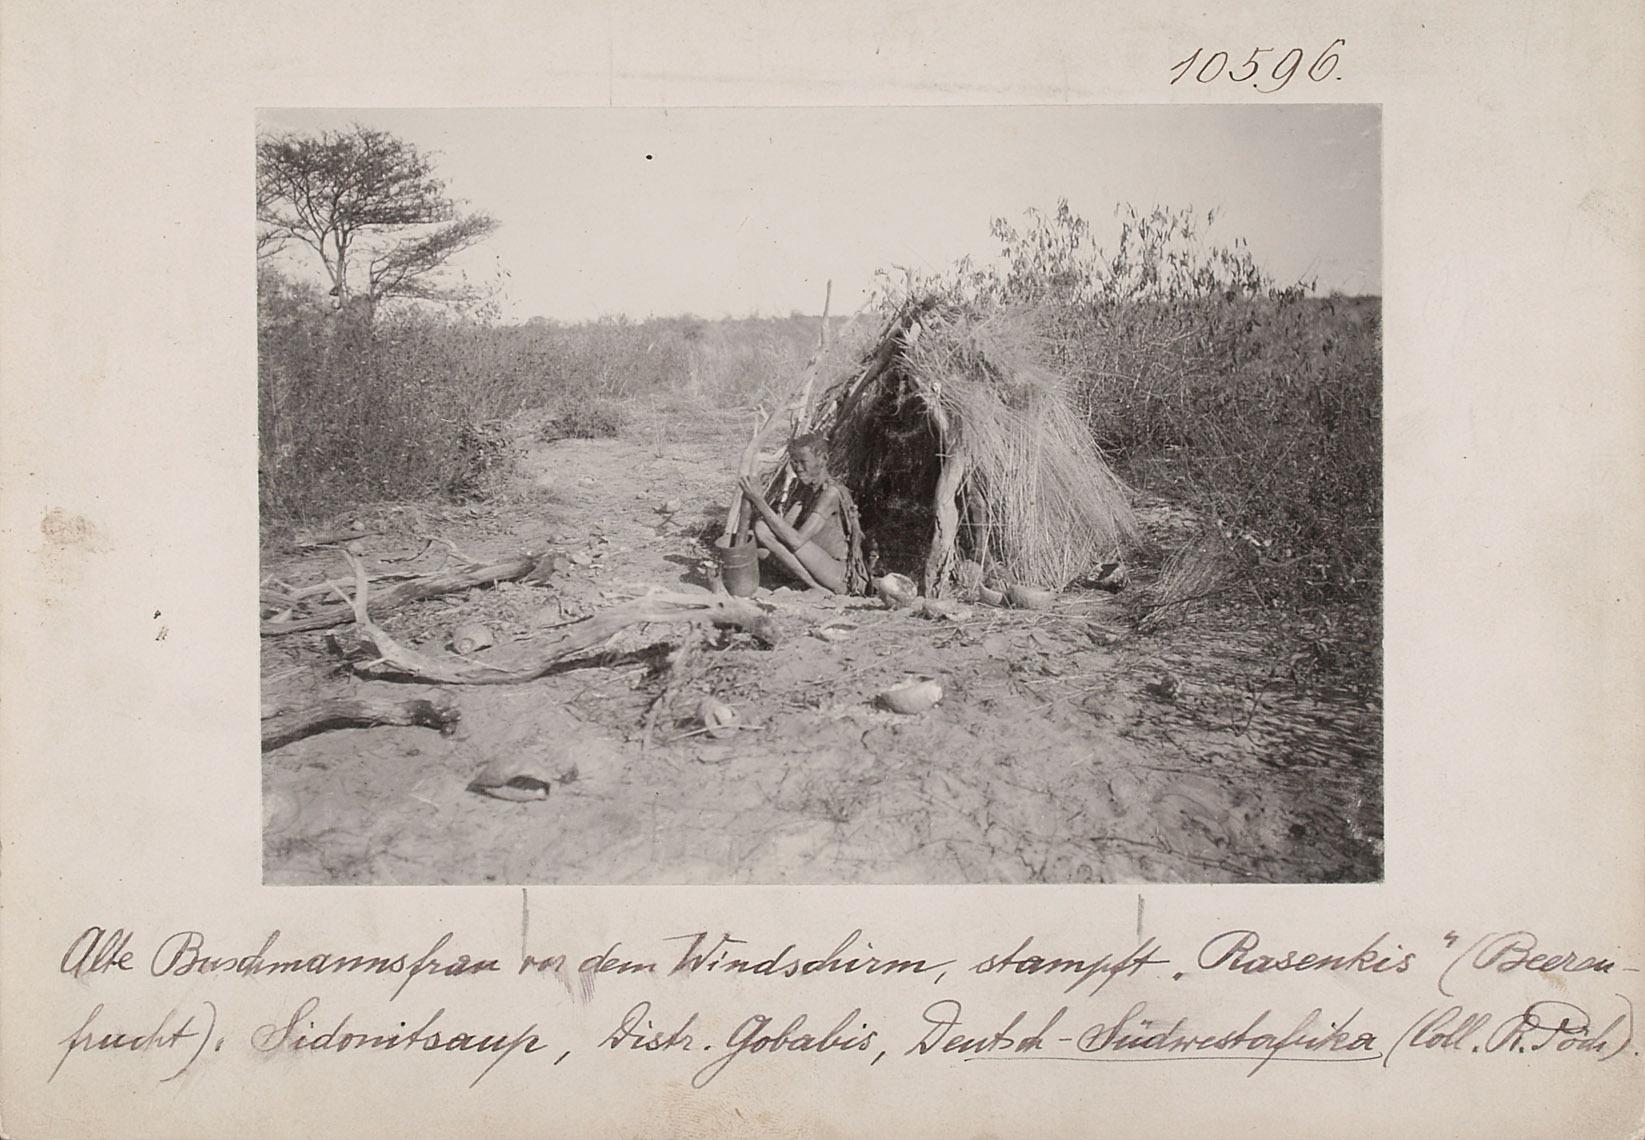 """Alte San-Frau vor dem Windschirm, stampft """"Rasenkis"""" (Beerenfrucht), Sidonitsaup, Distr. Gobabis, Deutsch-Südwestafrika von Rudolf Pöch"""